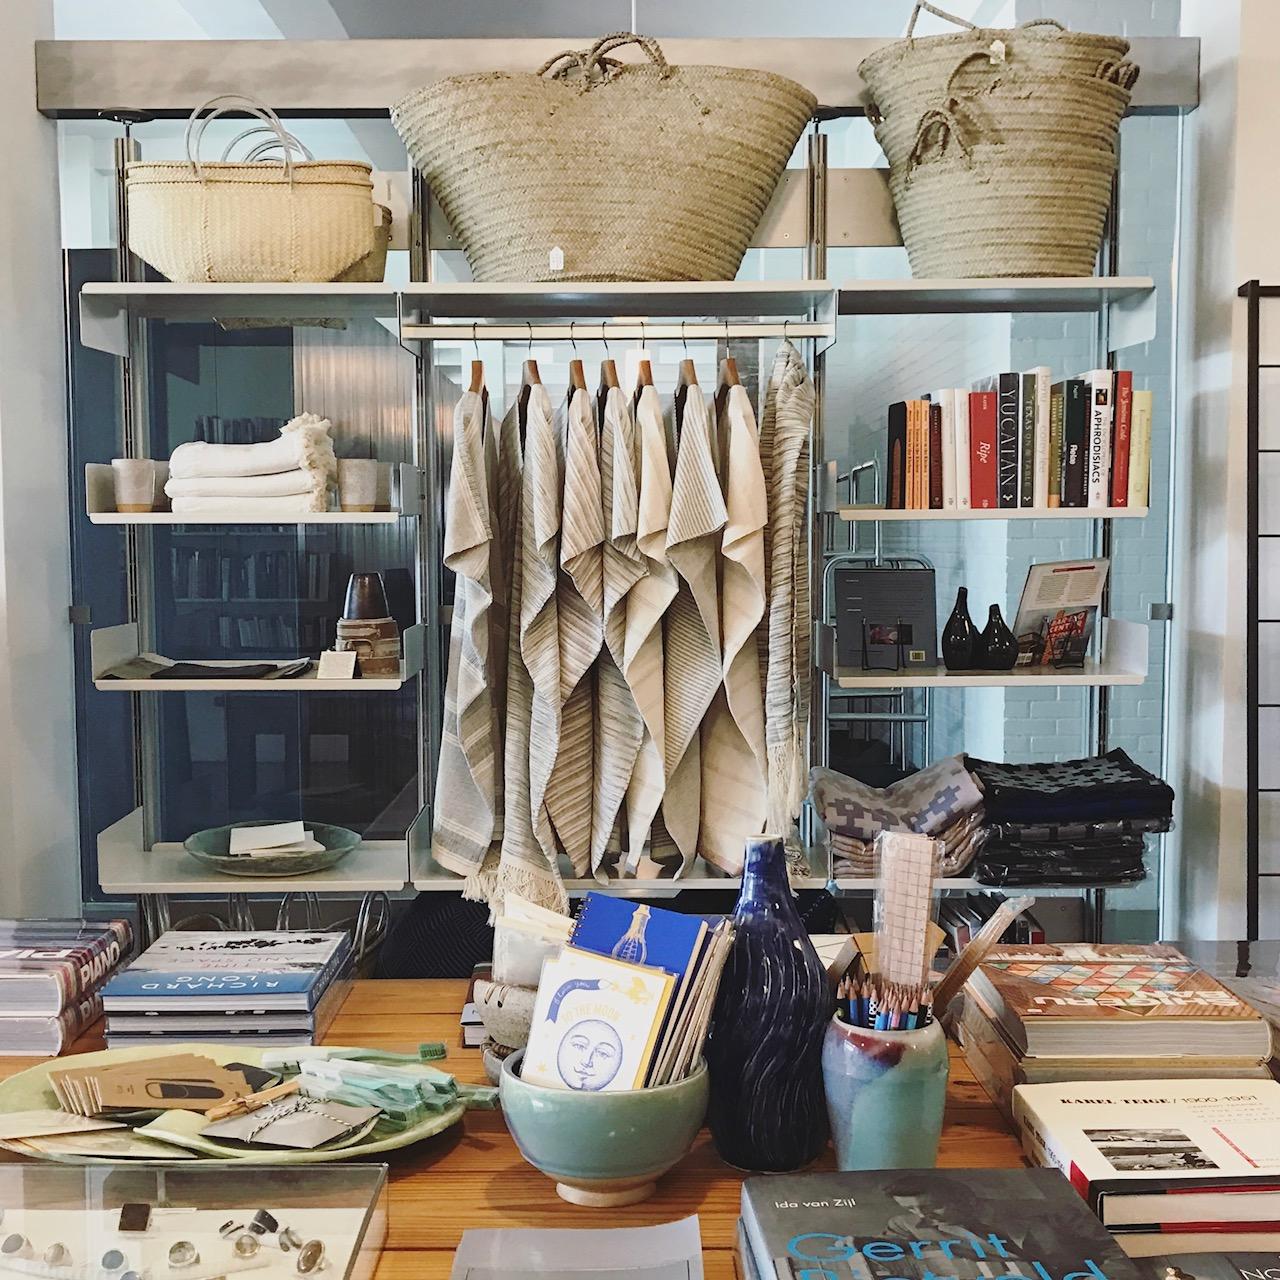 Marfa book company - marfa – texas, USA105 S Highland Avenue 79843+1 432 - 729 - 3700